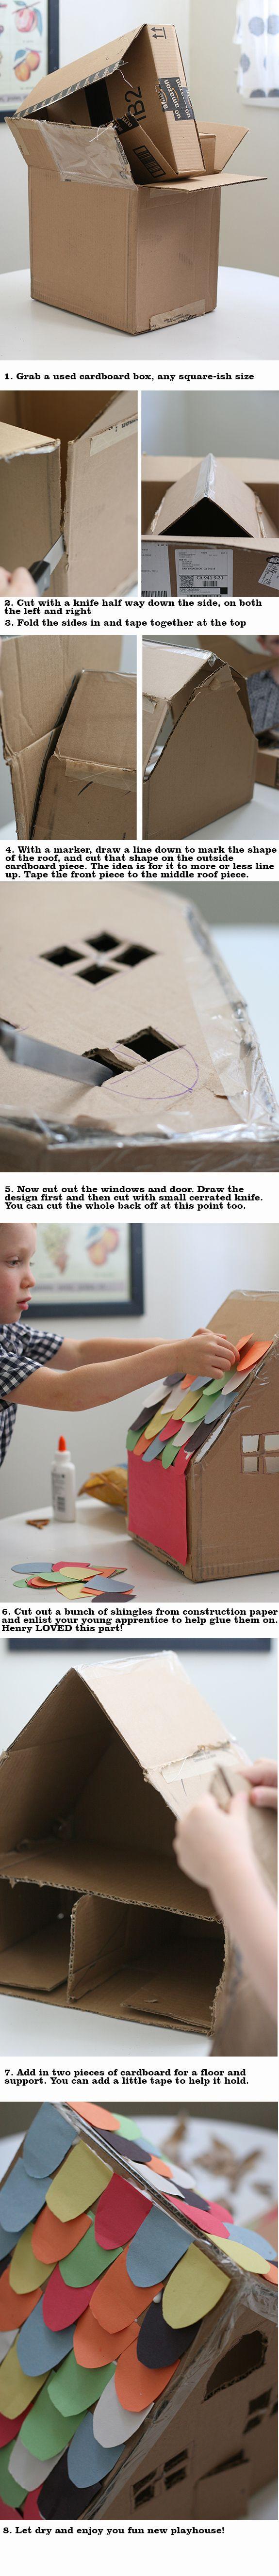 Van doos tot huis met kleurrijk dak in een 11 foto's, dat is een leuk knutselproject voor een regenachtige zondag!